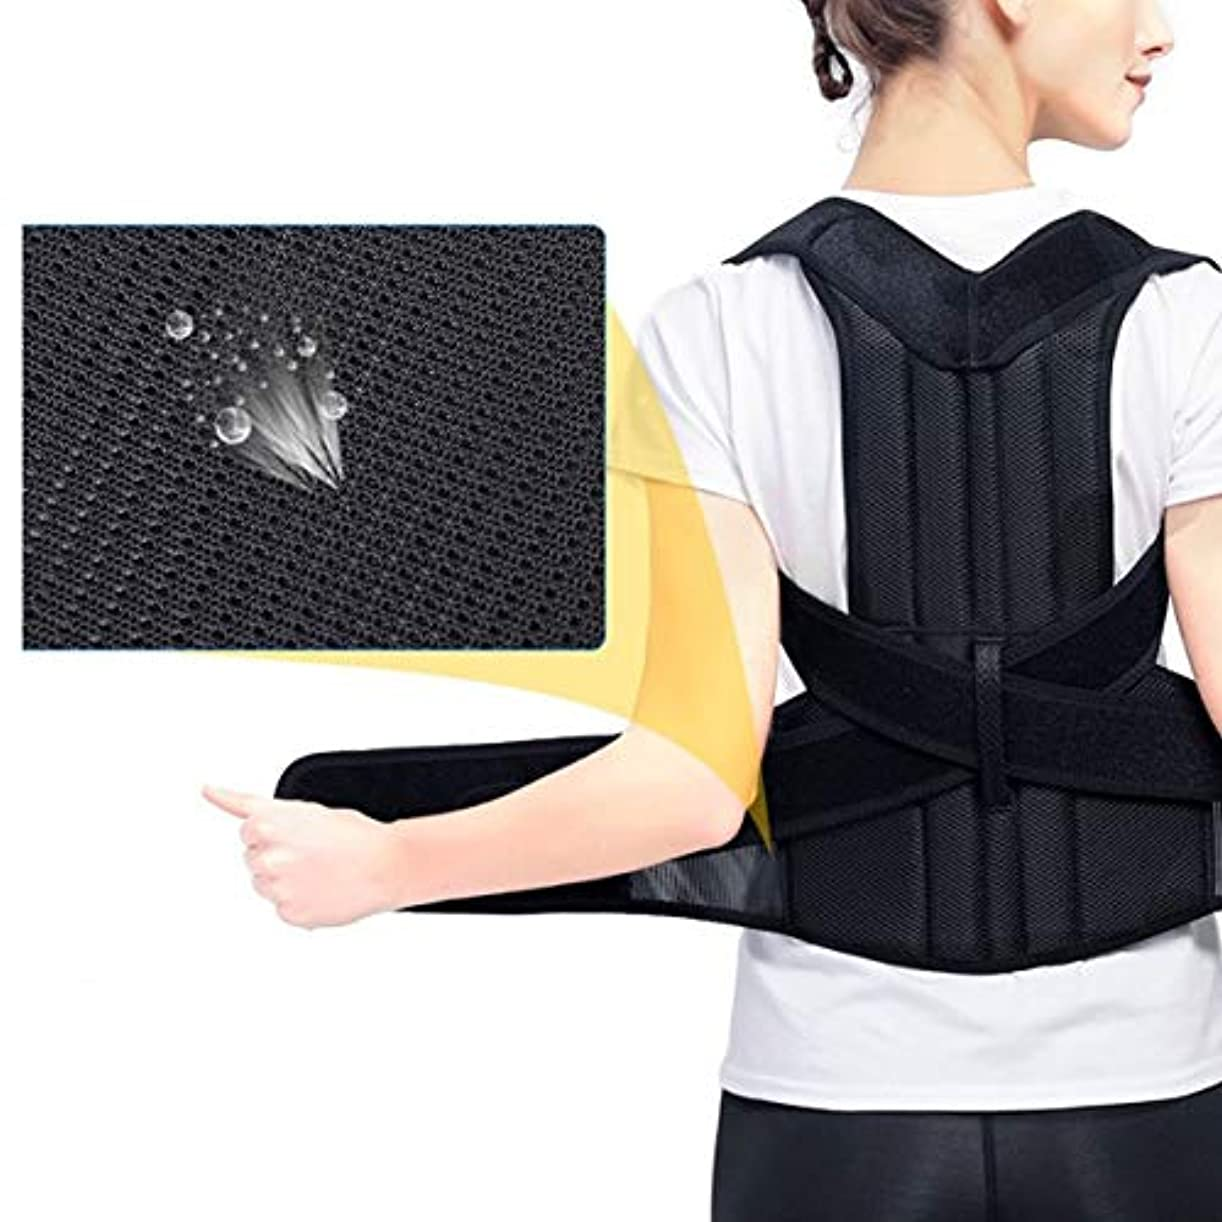 固める私たちの締め切り腰椎矯正バックブレース背骨装具側弯症腰椎サポート脊椎湾曲装具固定用姿勢 - 黒